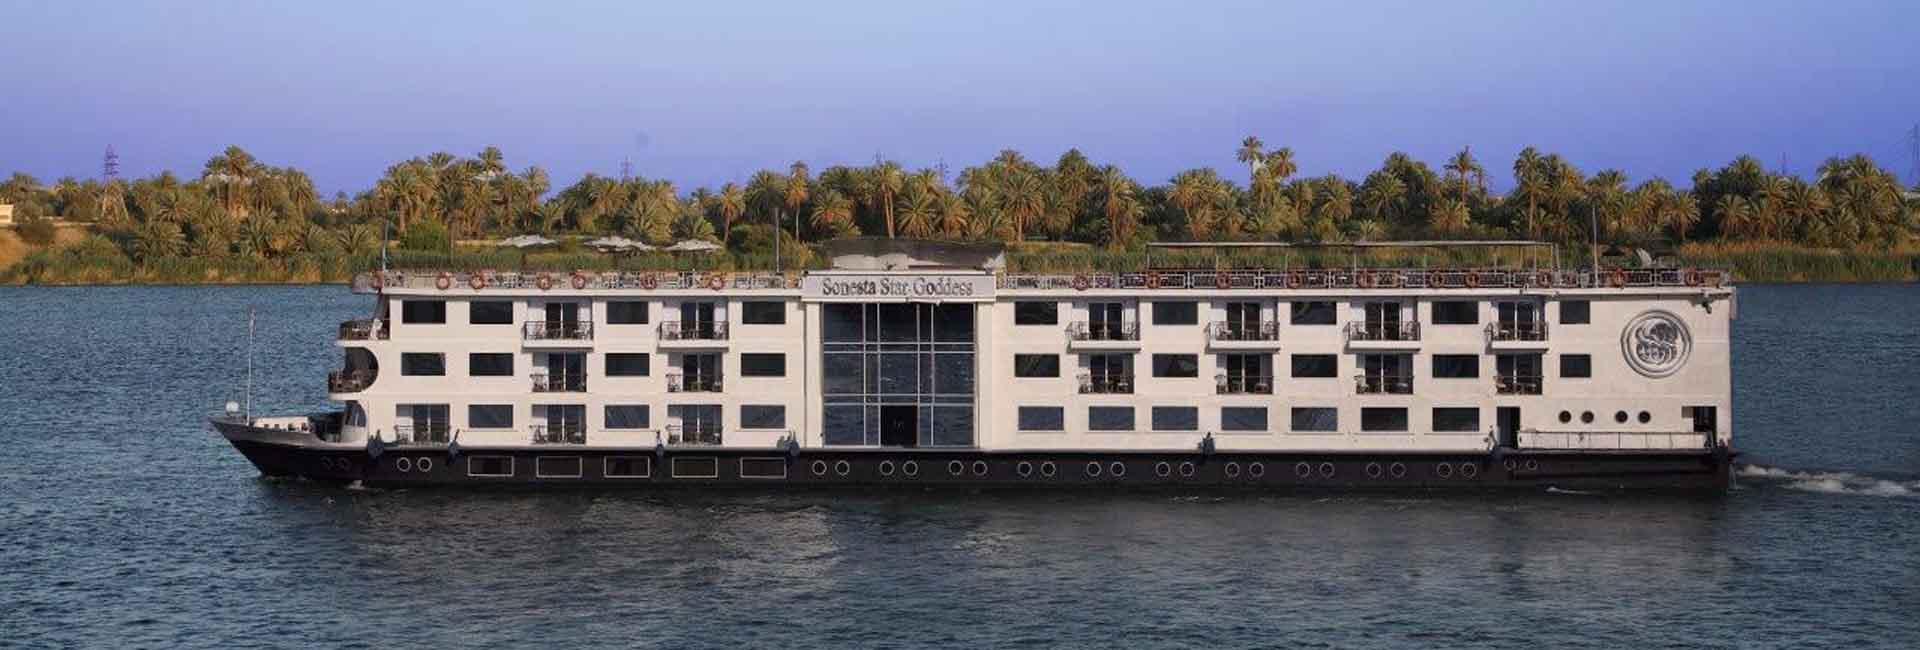 Sonesta Star Goddess Nile Cruise